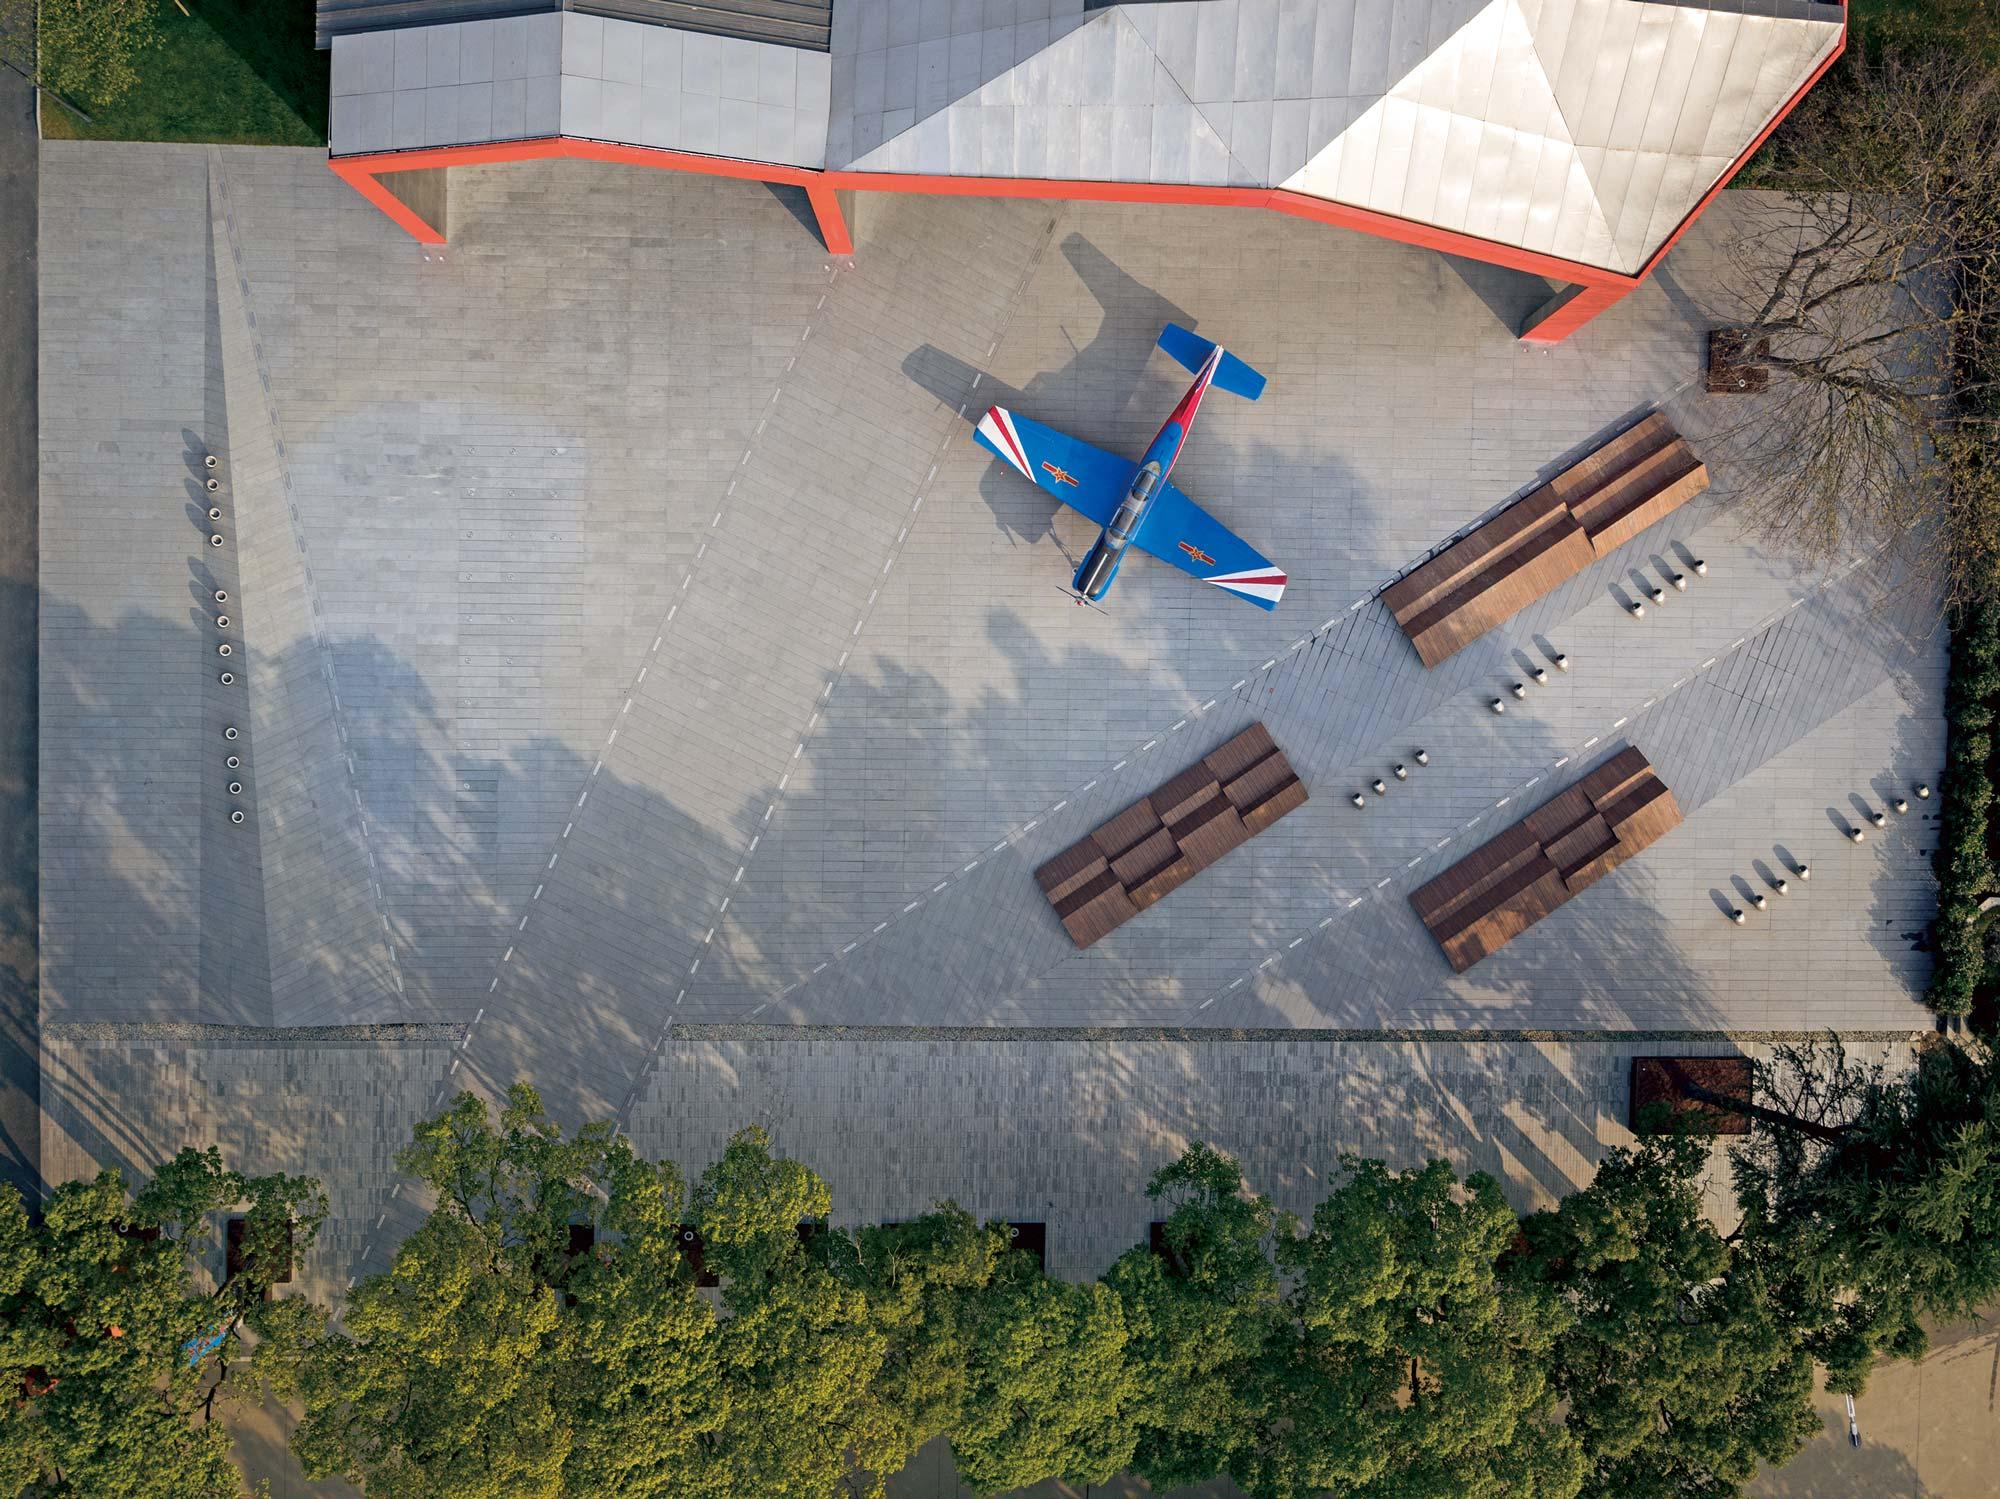 Elämyksellisyys näkyy lentokoneteemassa kiinalaisessa leikkipuistossa